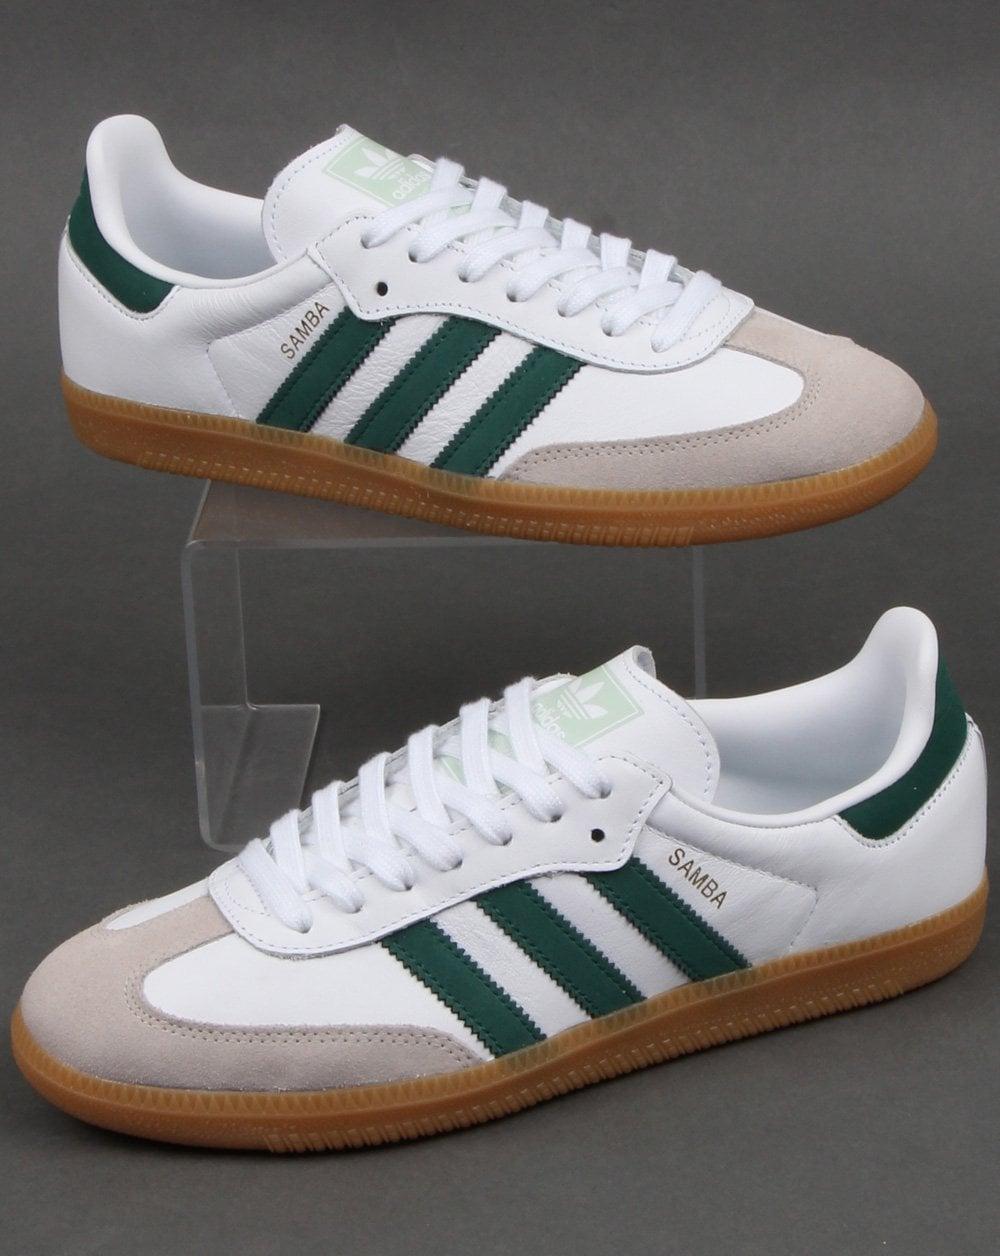 Adidas Samba Og Trainers White/Vapour